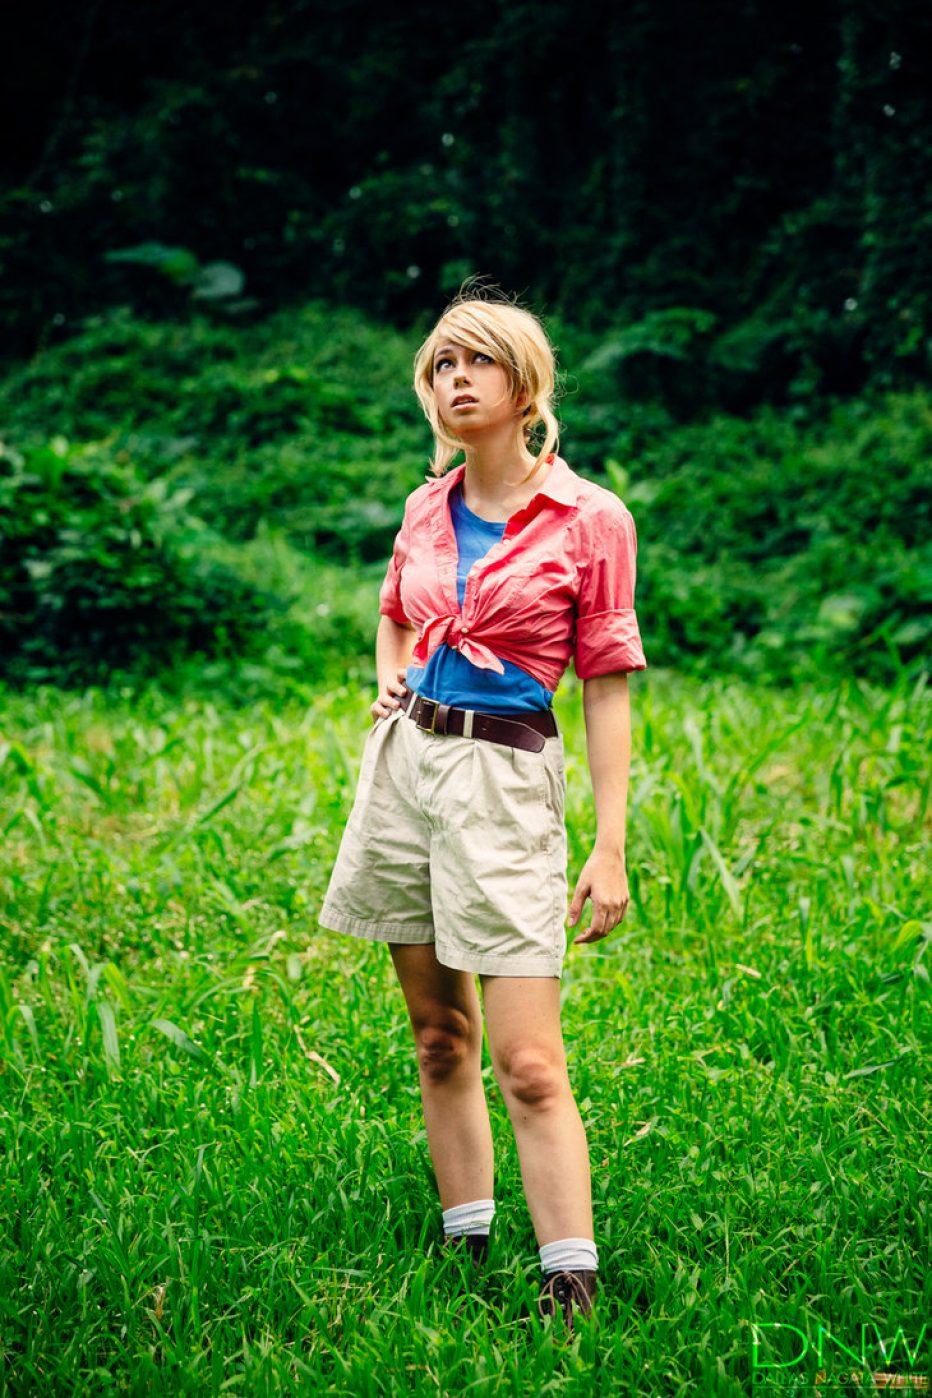 Jurassic-Park-Dr.-Ellie-Sattler-Cosplay-Gamers-Heroes-8.jpg